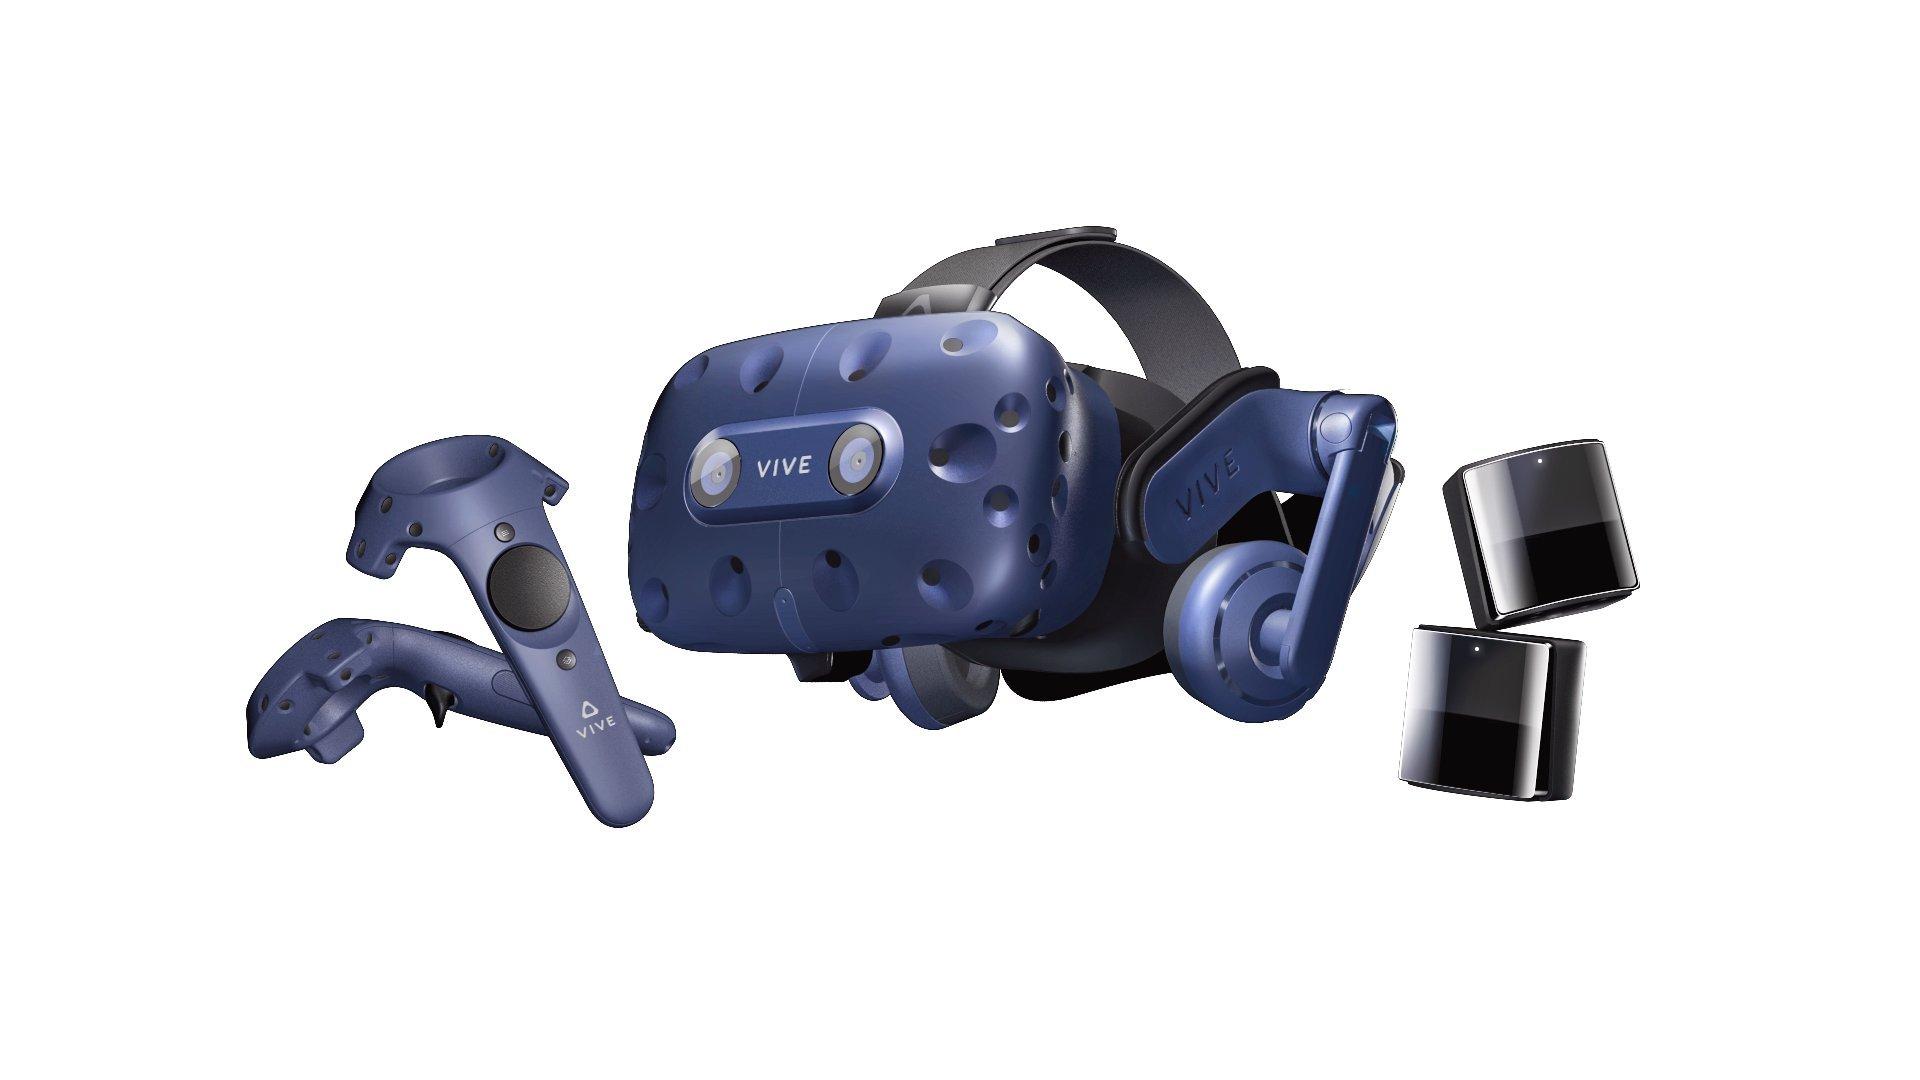 HTC Vive Pro Complete Edition – Casque de réalité virtuelle – kit VR complet (Catégorie : Casque Réalité Virtuelle)